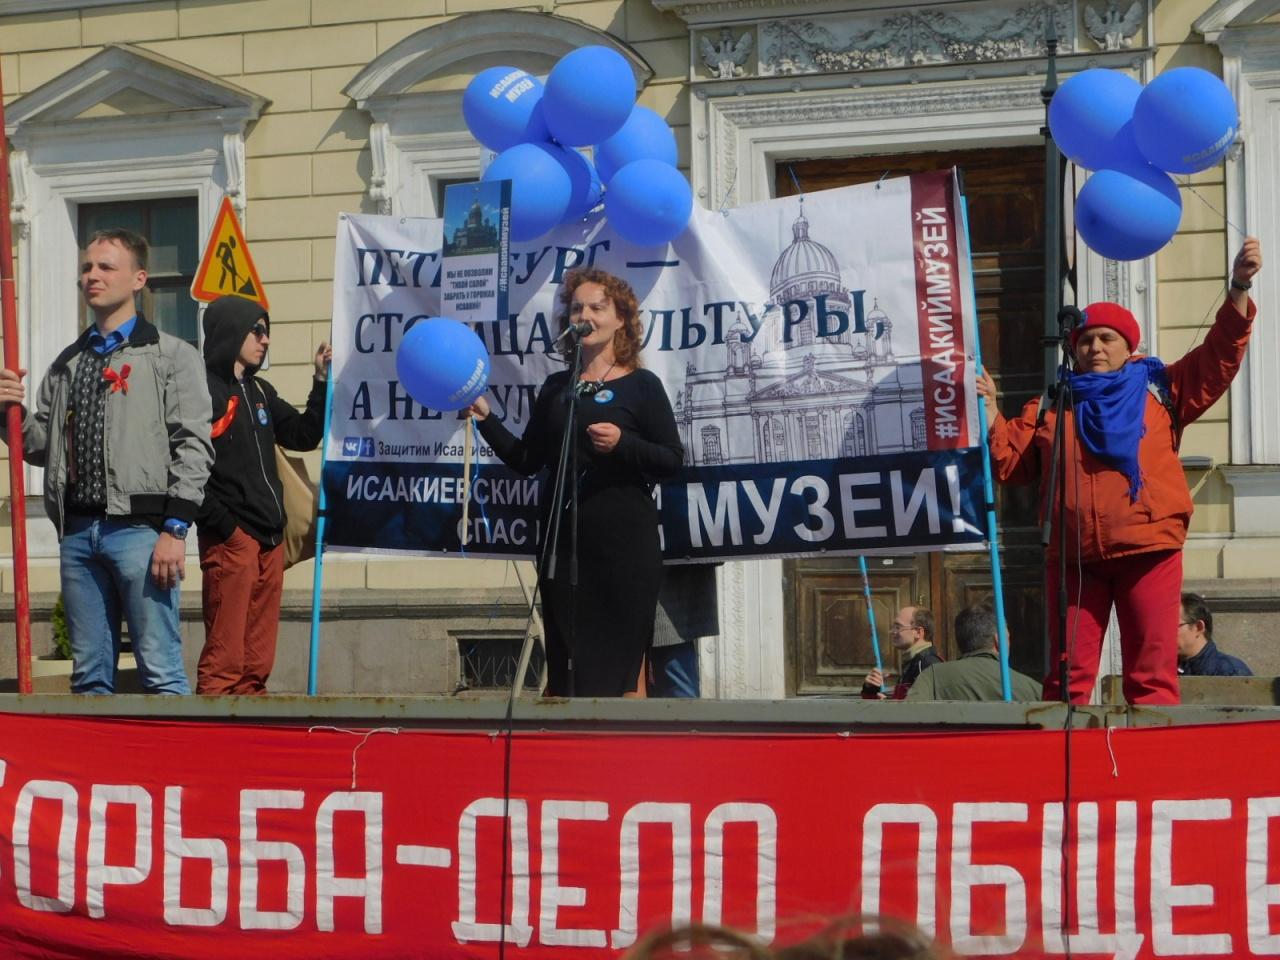 фото ЗакС политика На митинге у Исаакиевского собора высказались в защиту музея